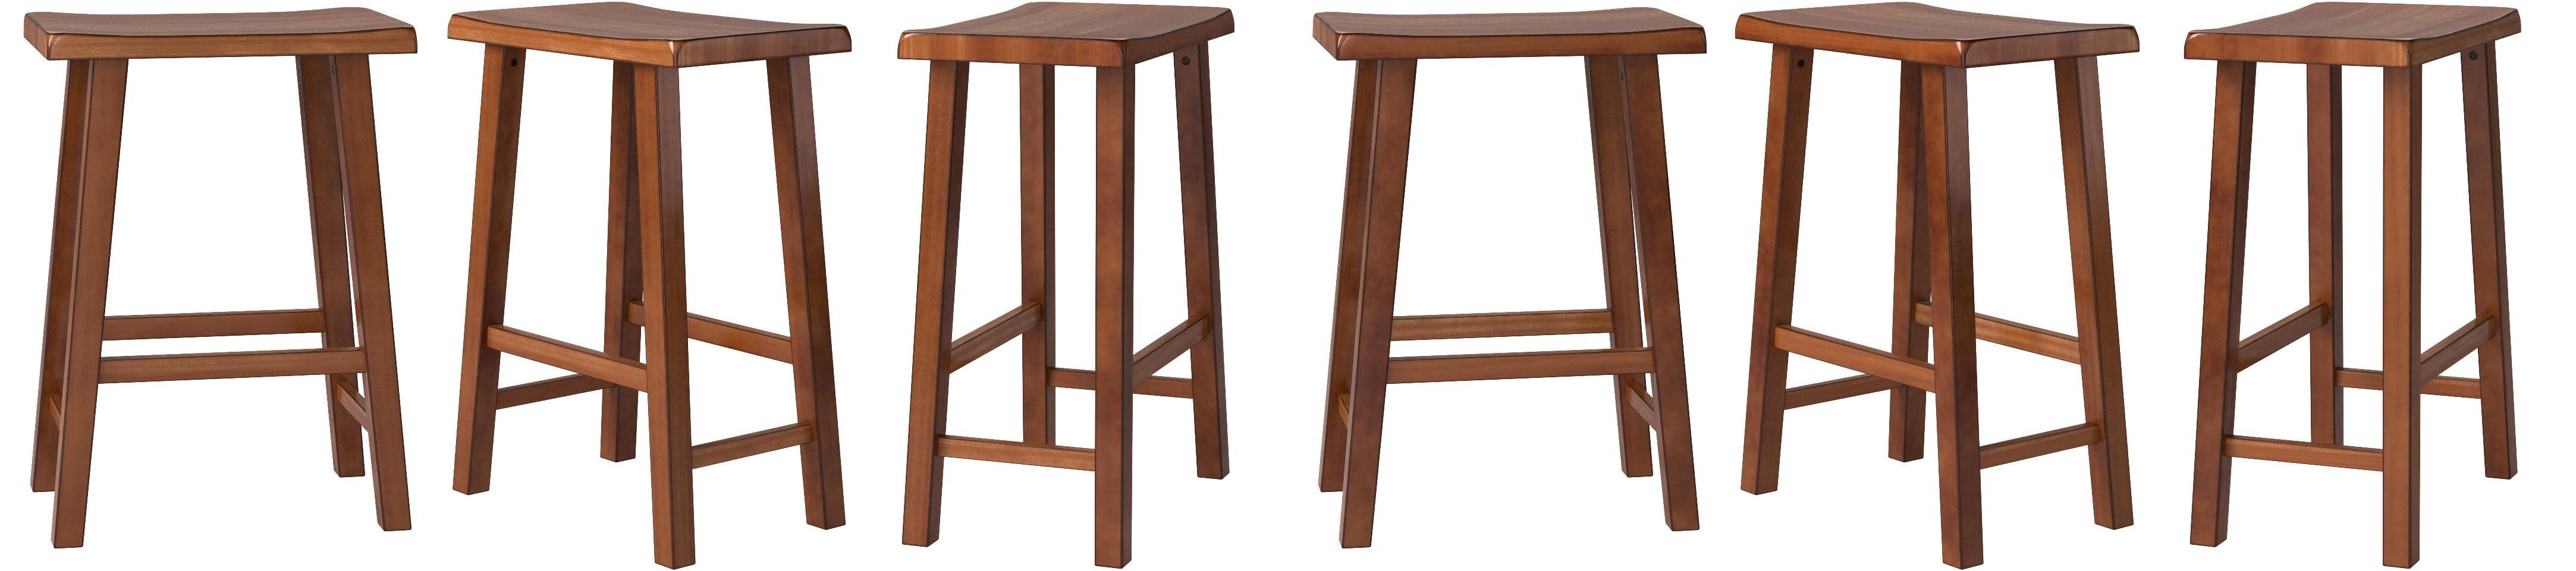 Amazon Com Ehemco Heavy Duty 29 Saddle Seat Barstools Dark Oak Set Of 3 Kitchen Dining